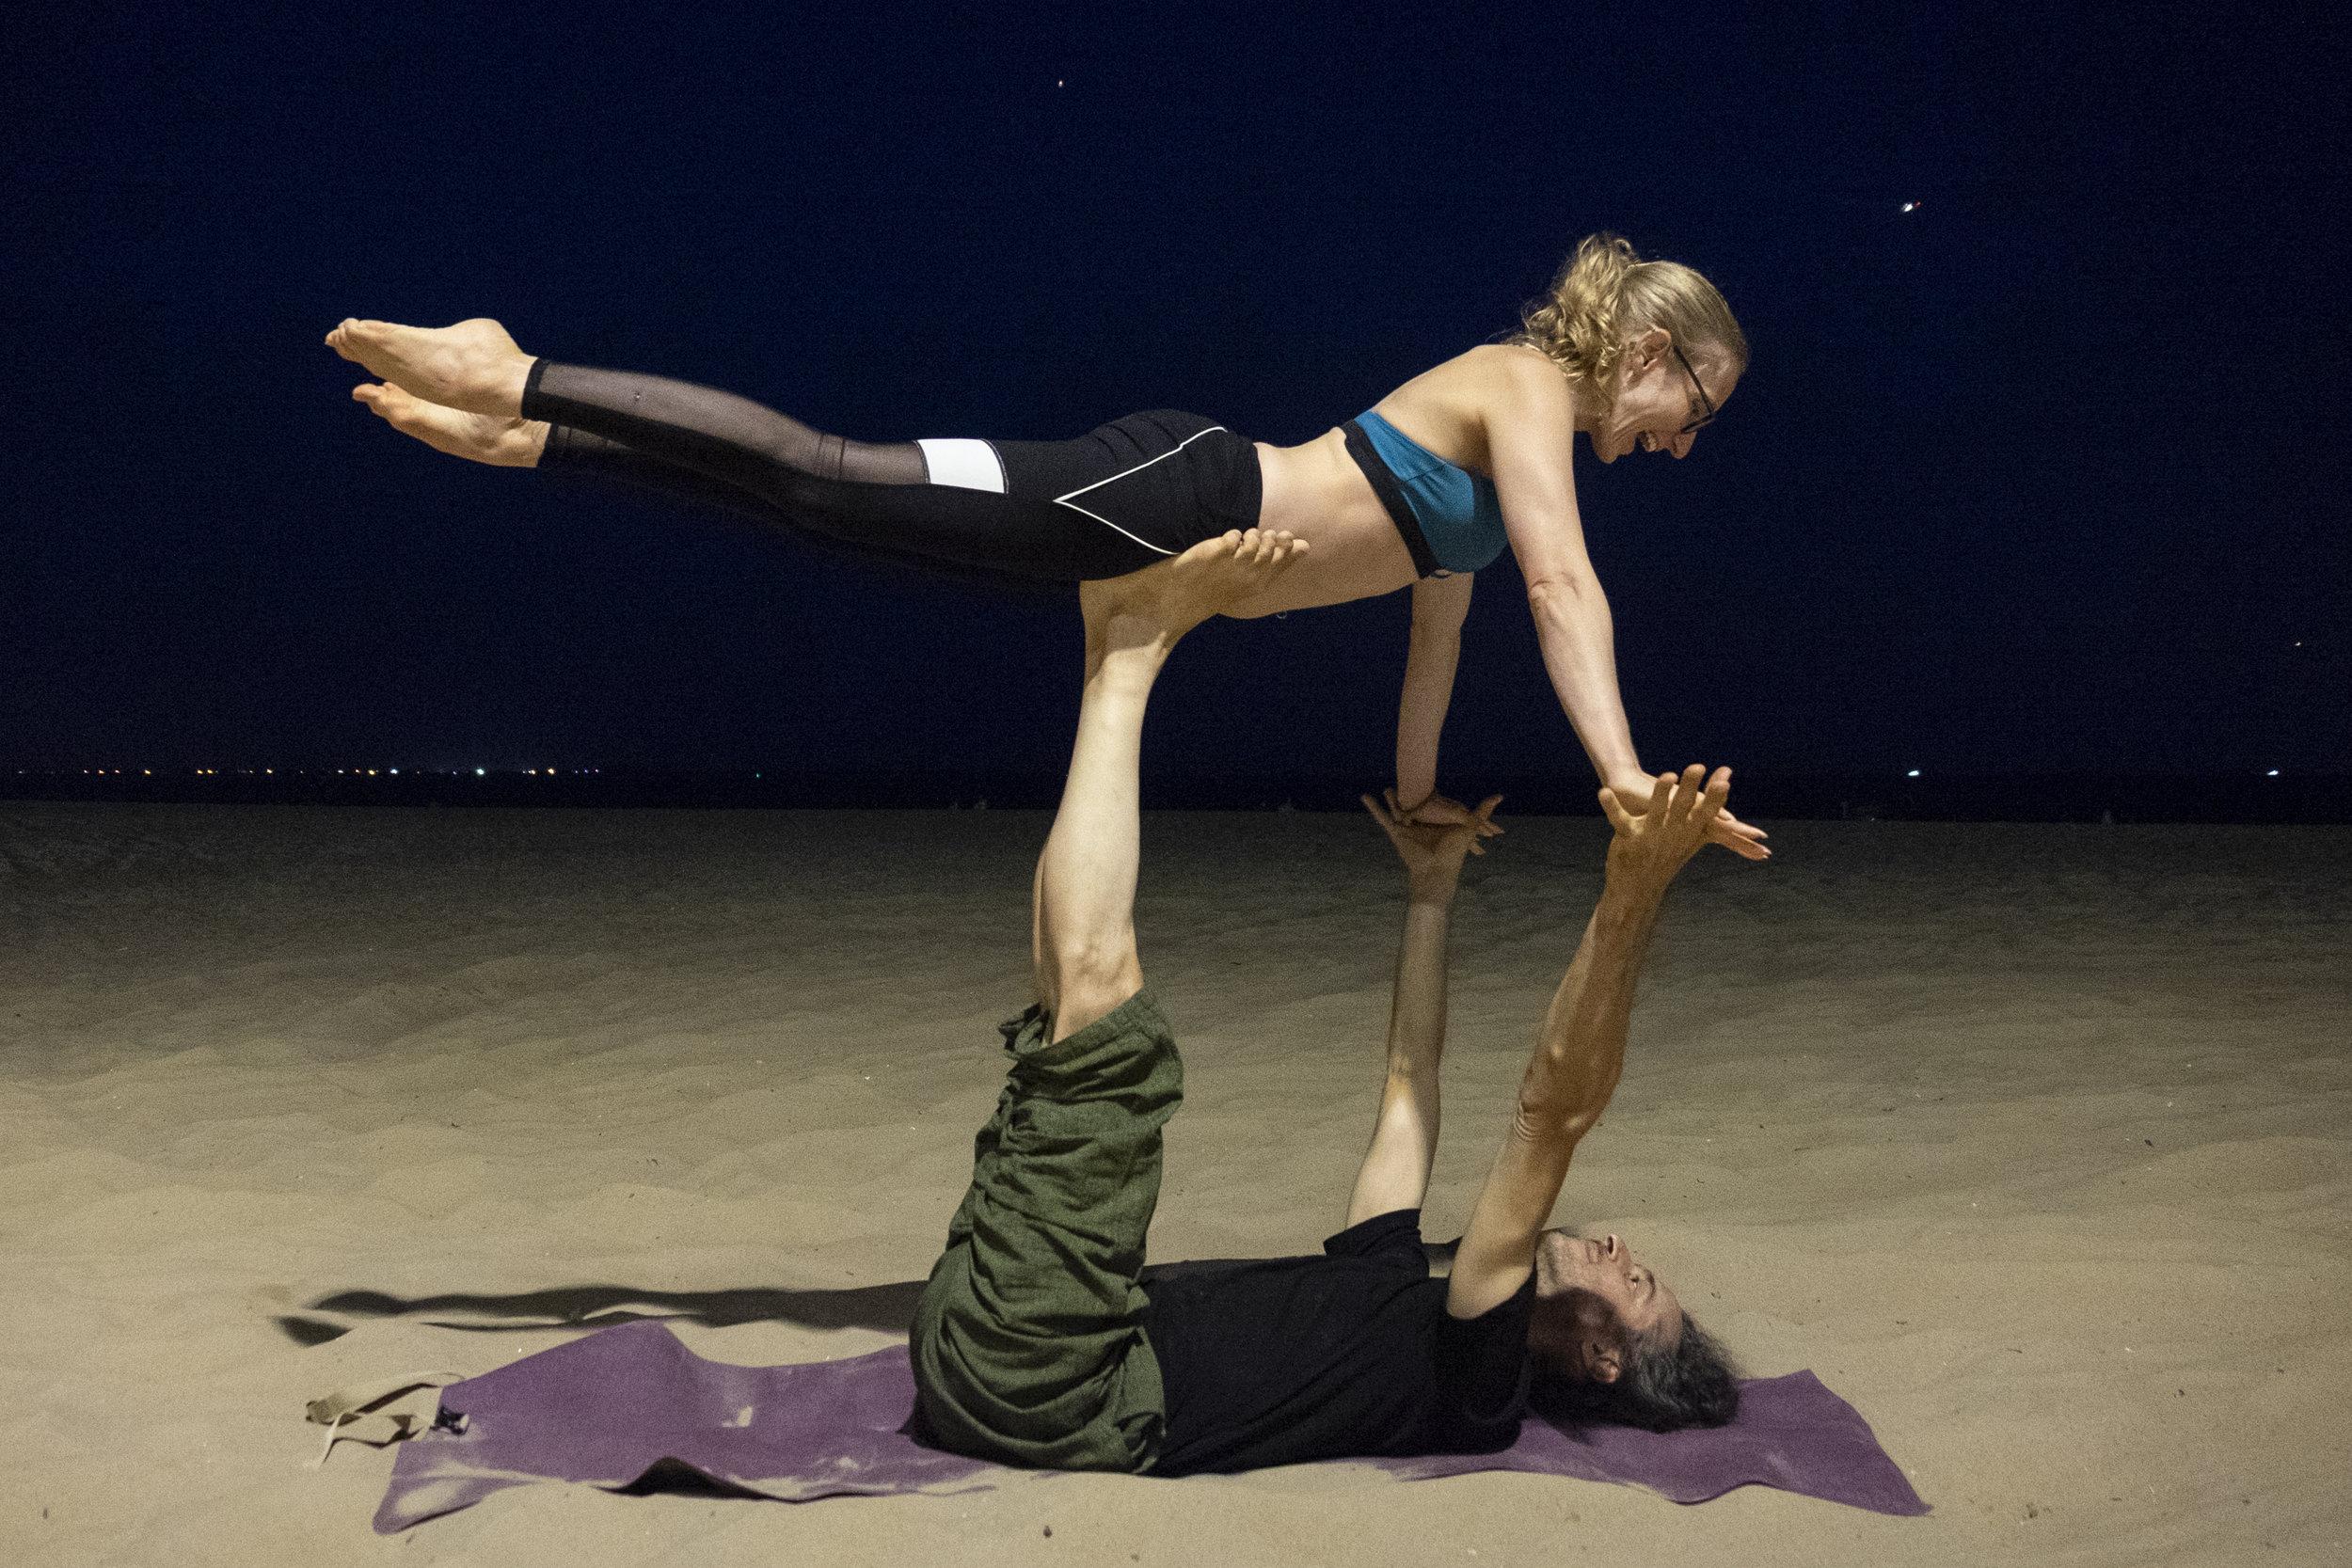 Testing out some acro yoga at Brighton Beach on my Yogo!